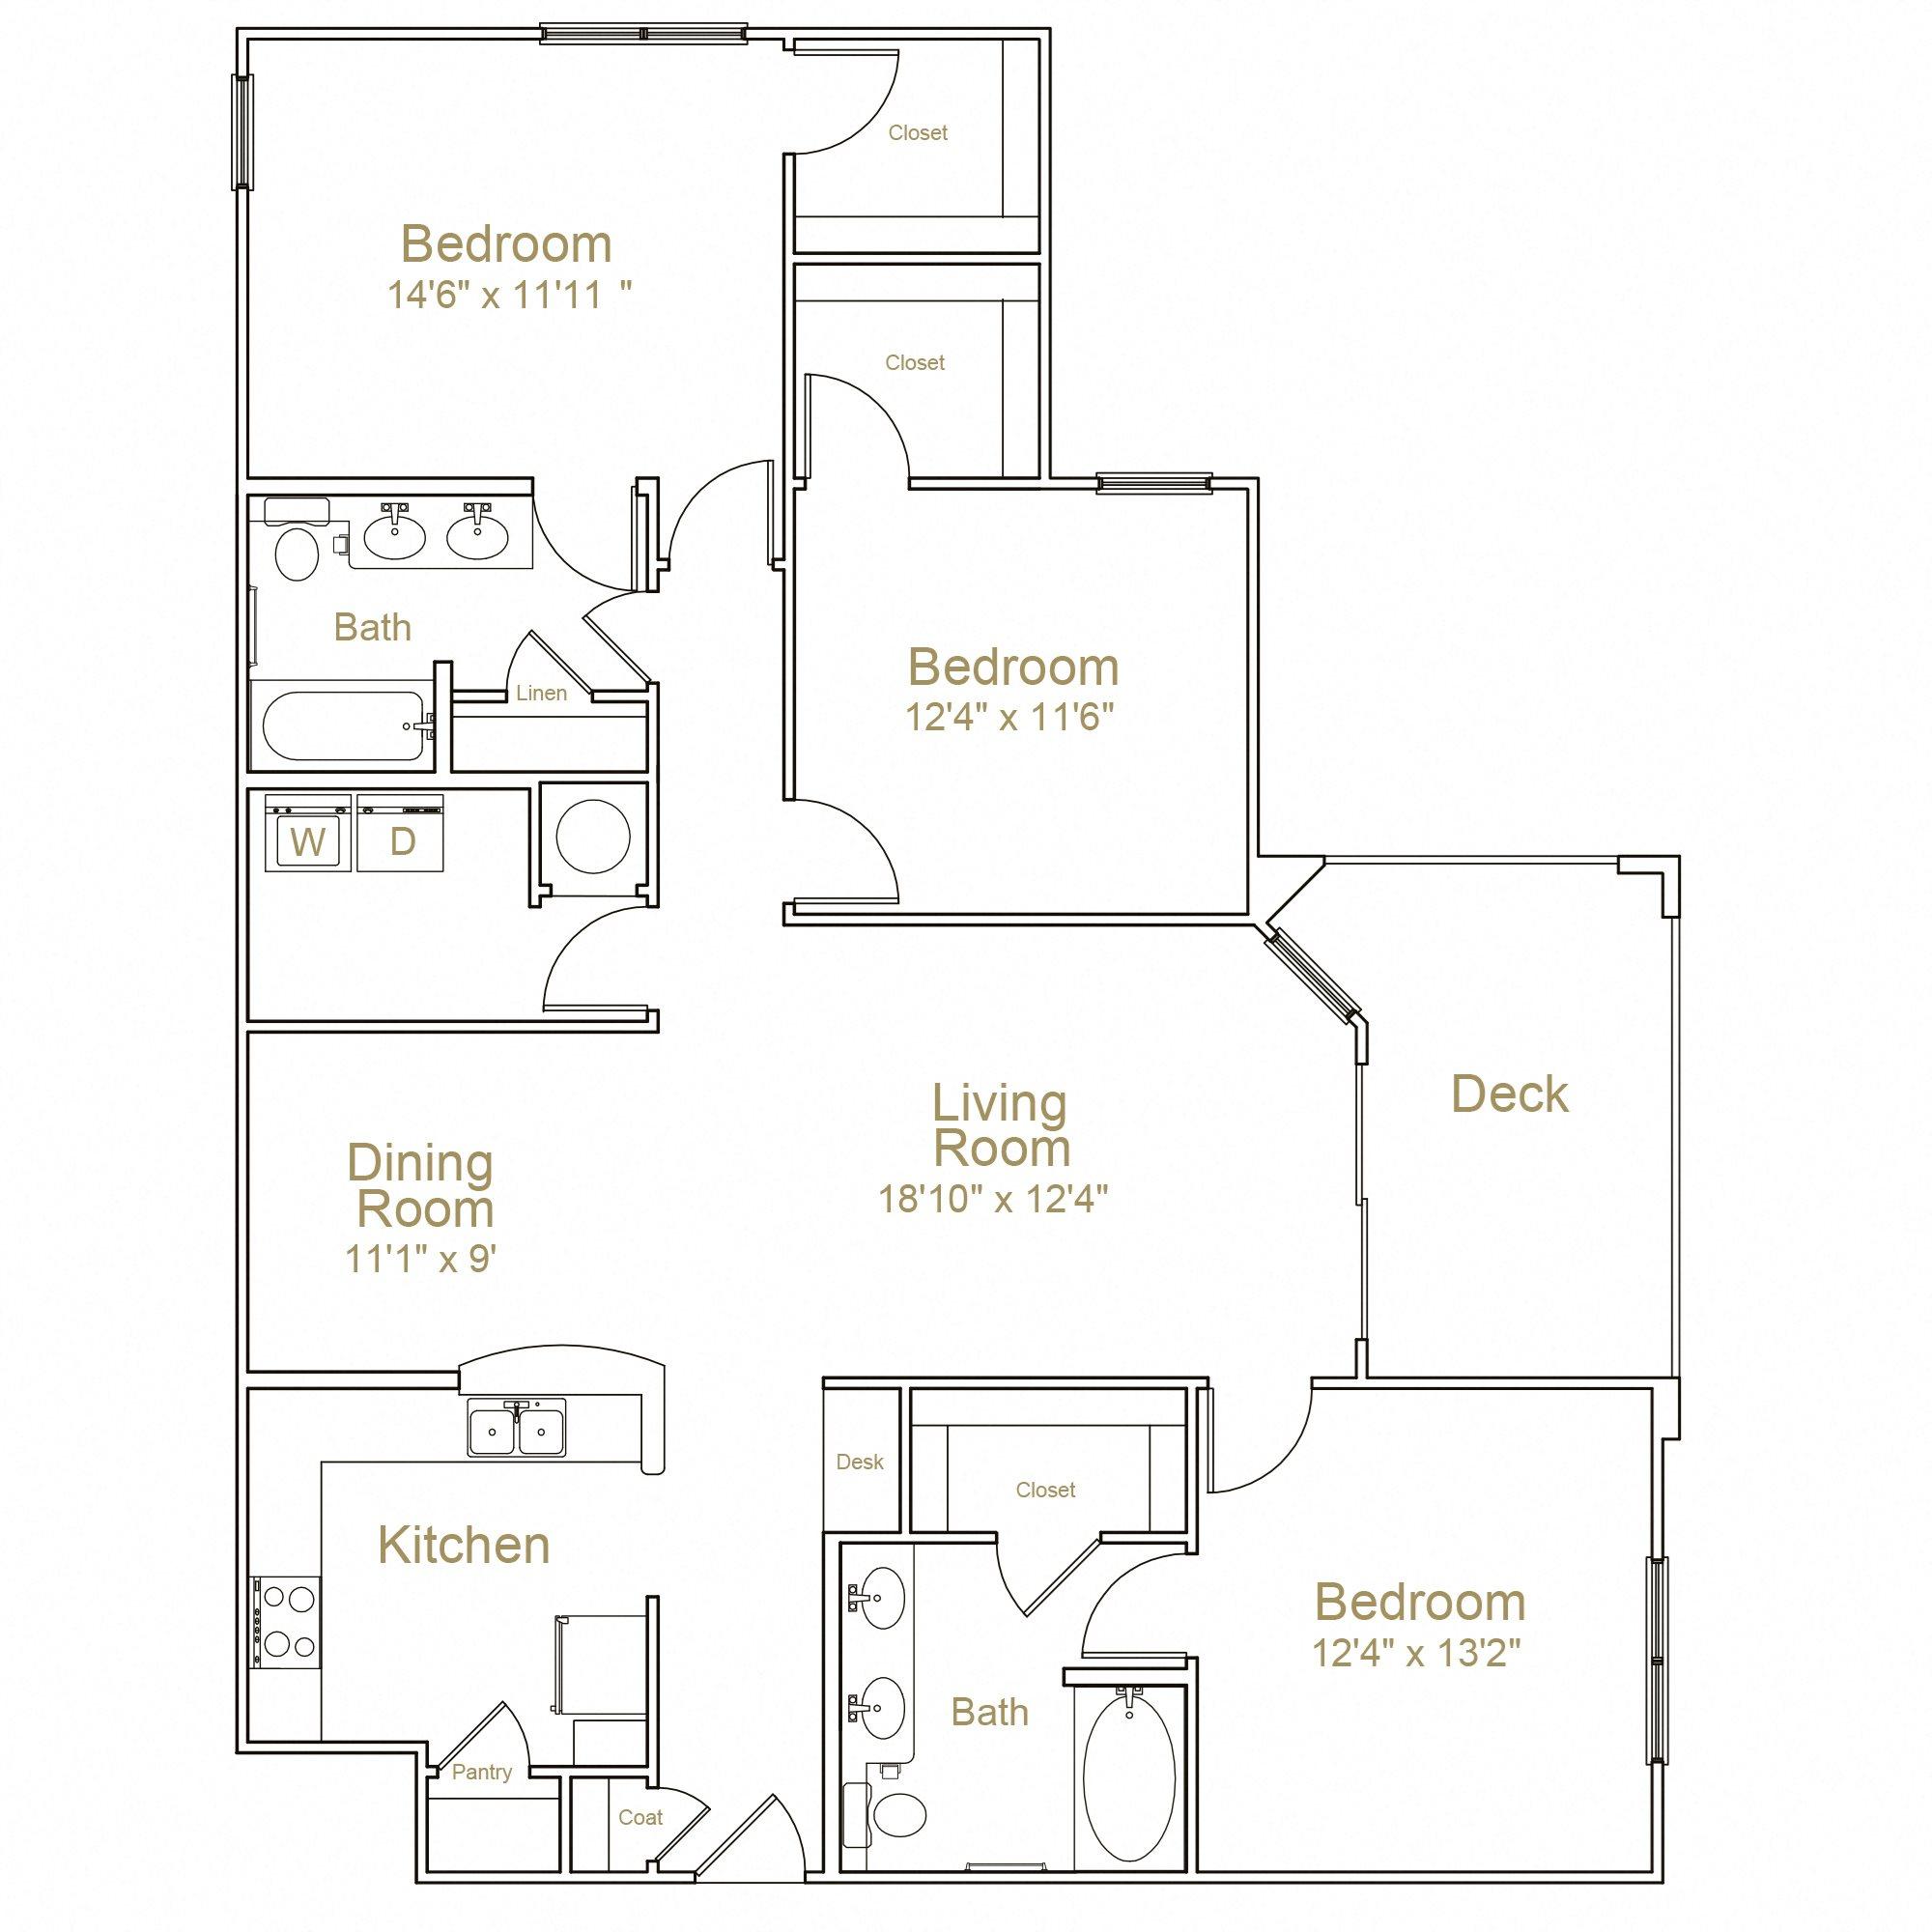 3C Floor Plan 14